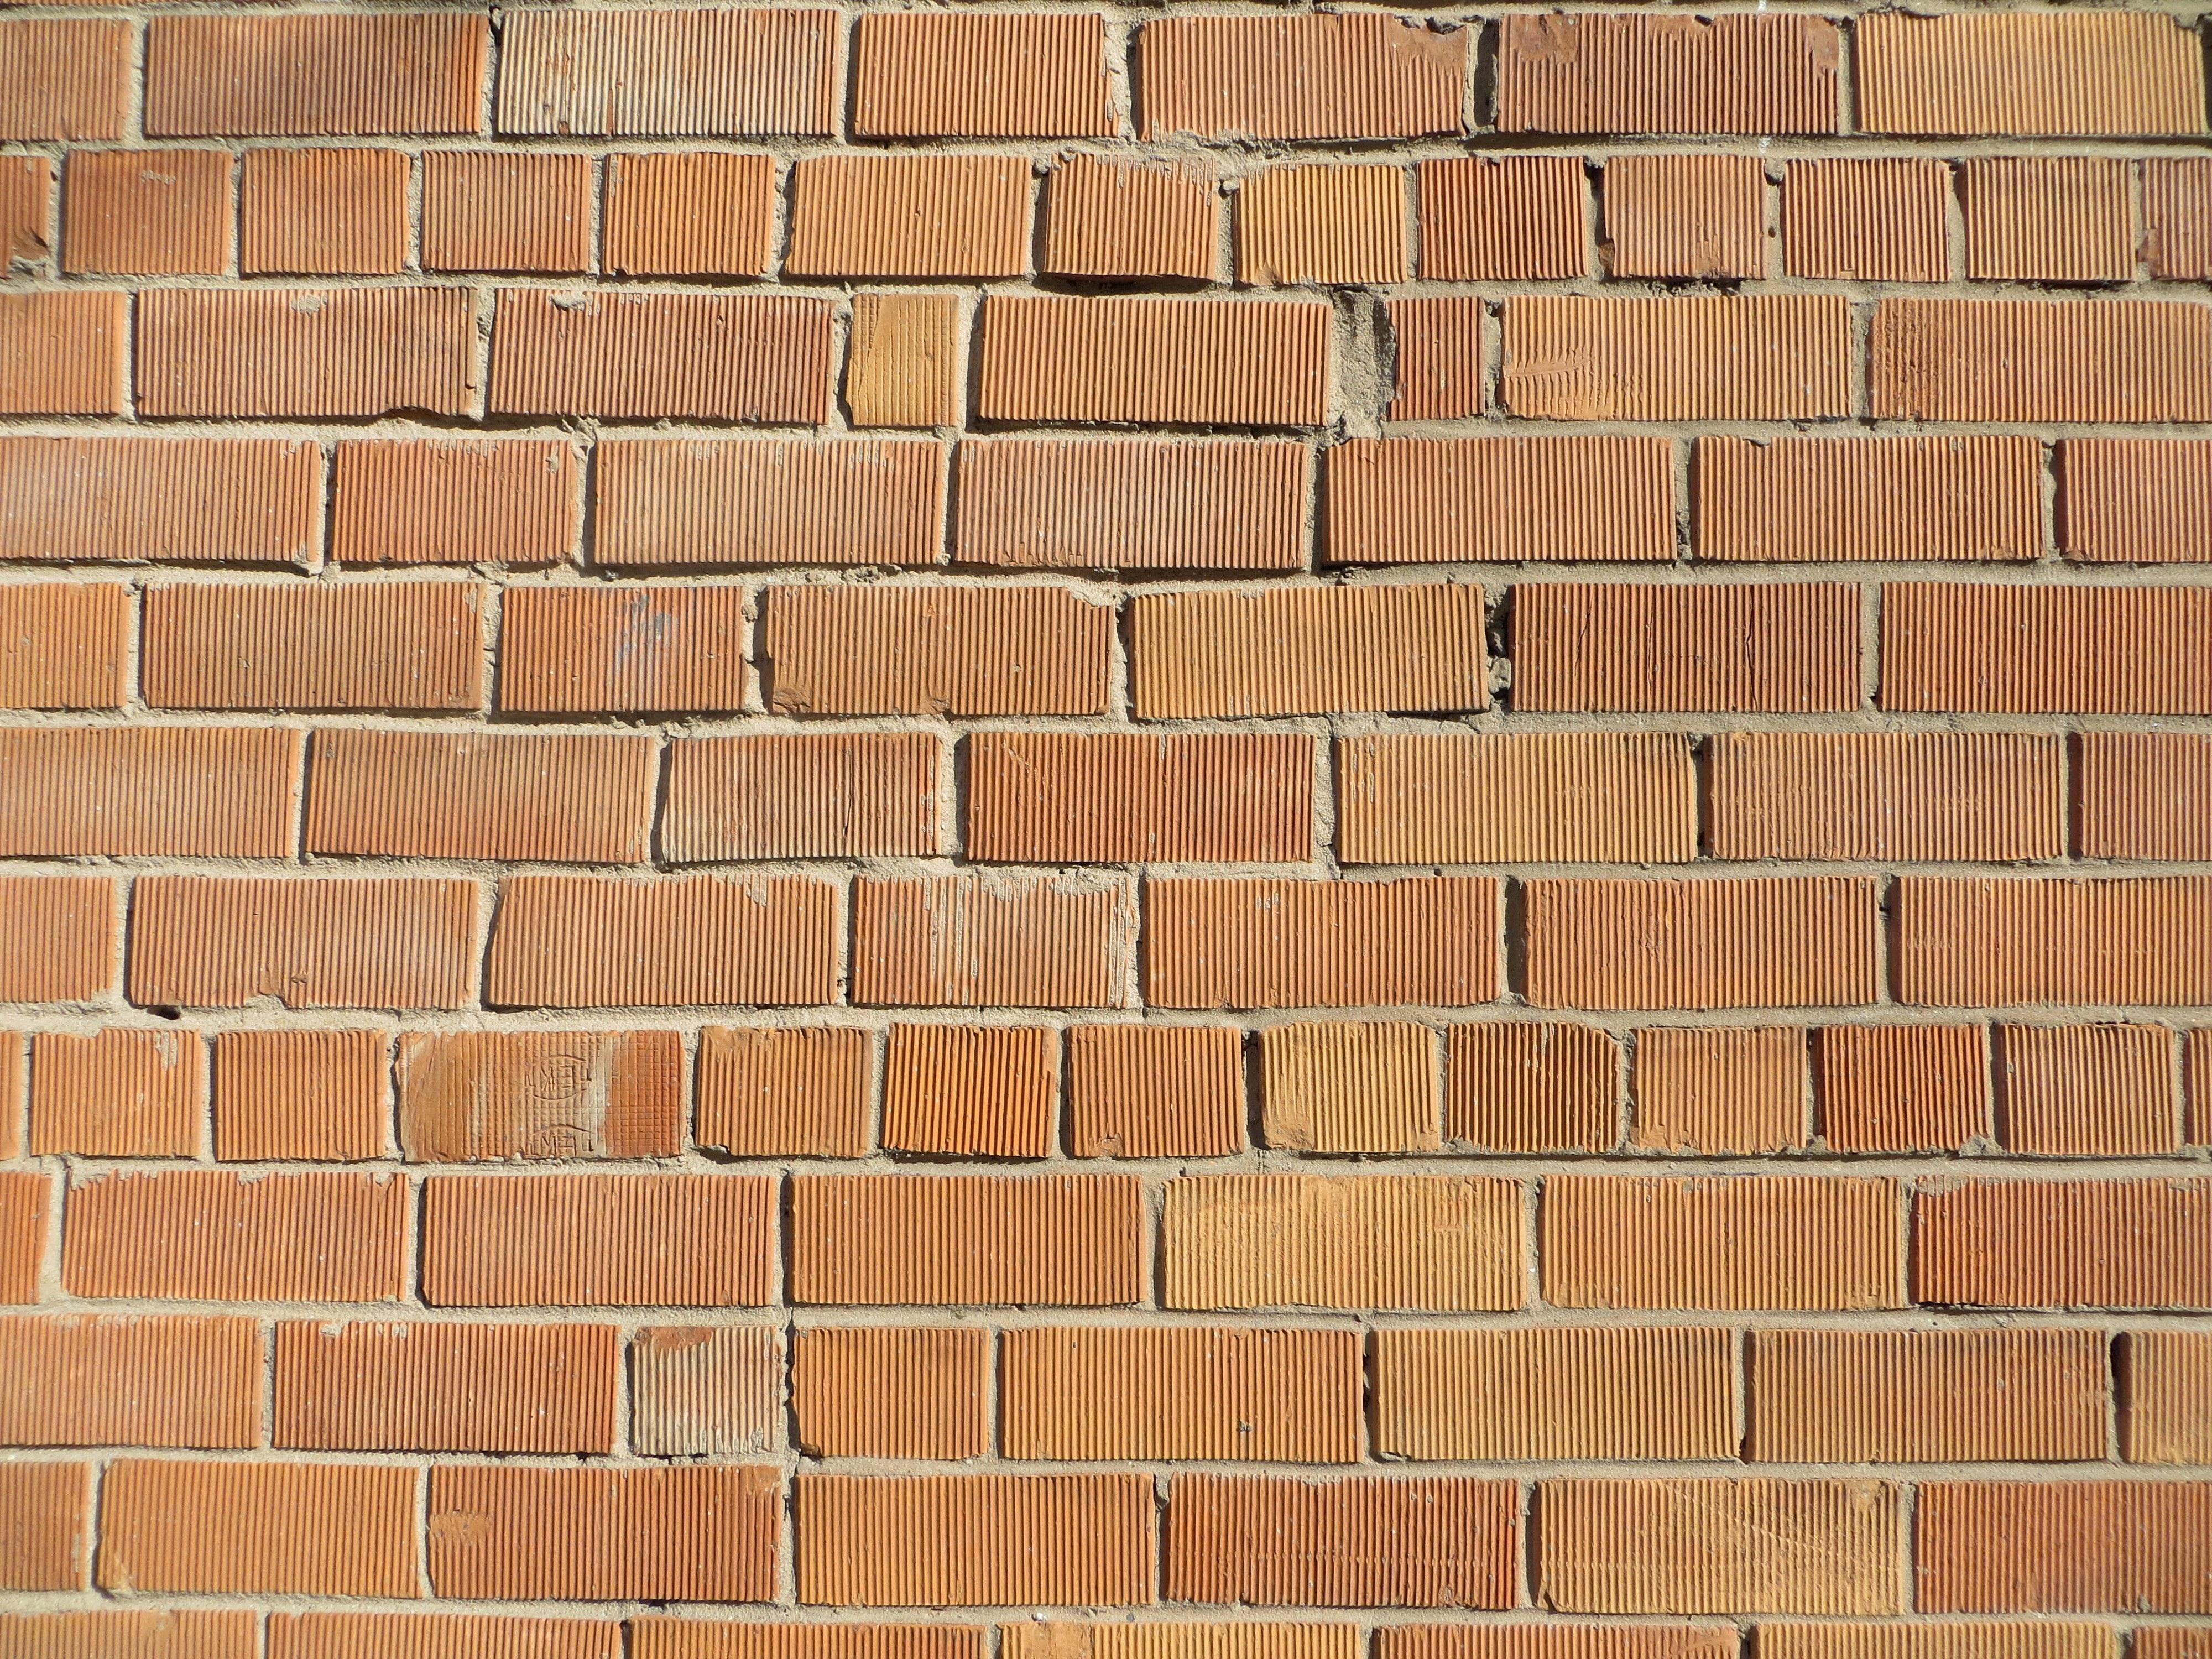 Wood Texture Floor Wall Stone Orange Red Tile Brick Material Hardwood Bricks Brickwall Brickwork